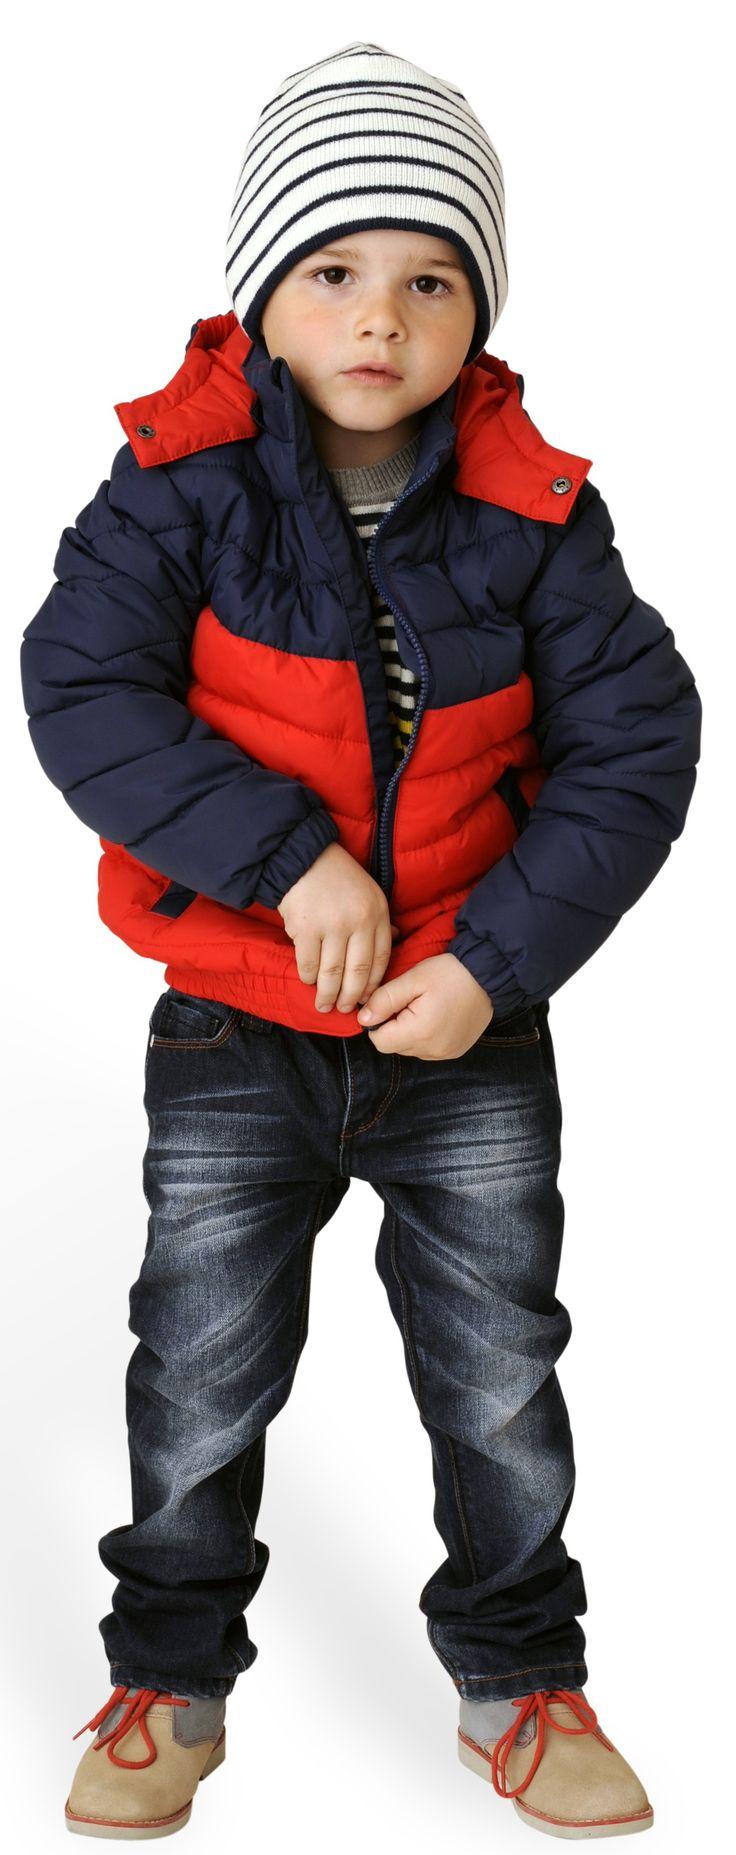 Rode/blauwe jas - Toobydoo